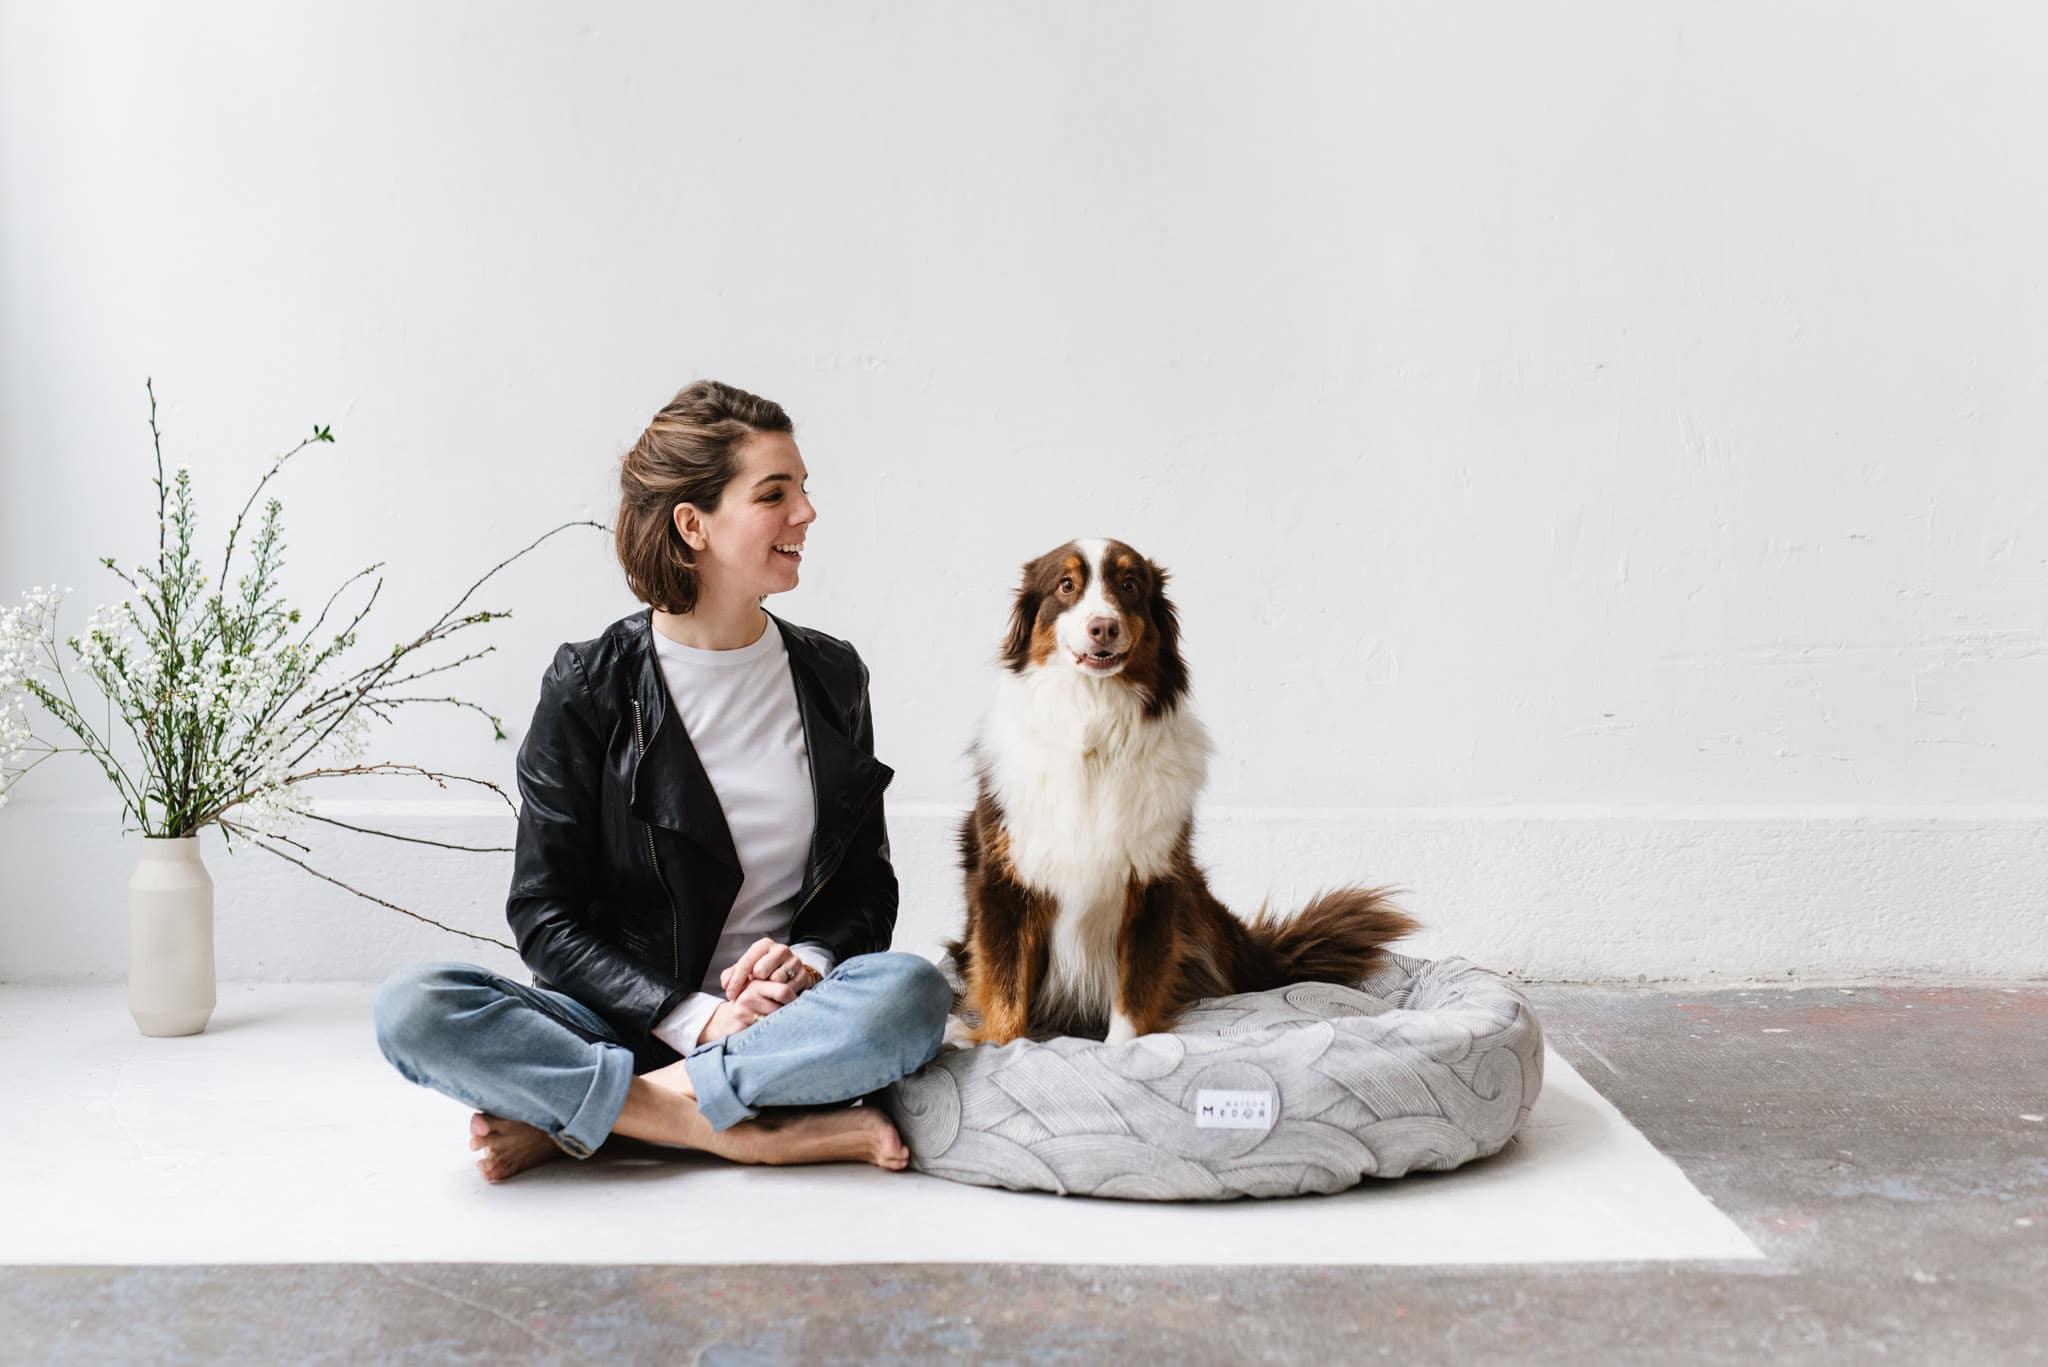 Margot la fondatrice de Maiso Medor les paniers et coussins pour chienet Dixie son chien